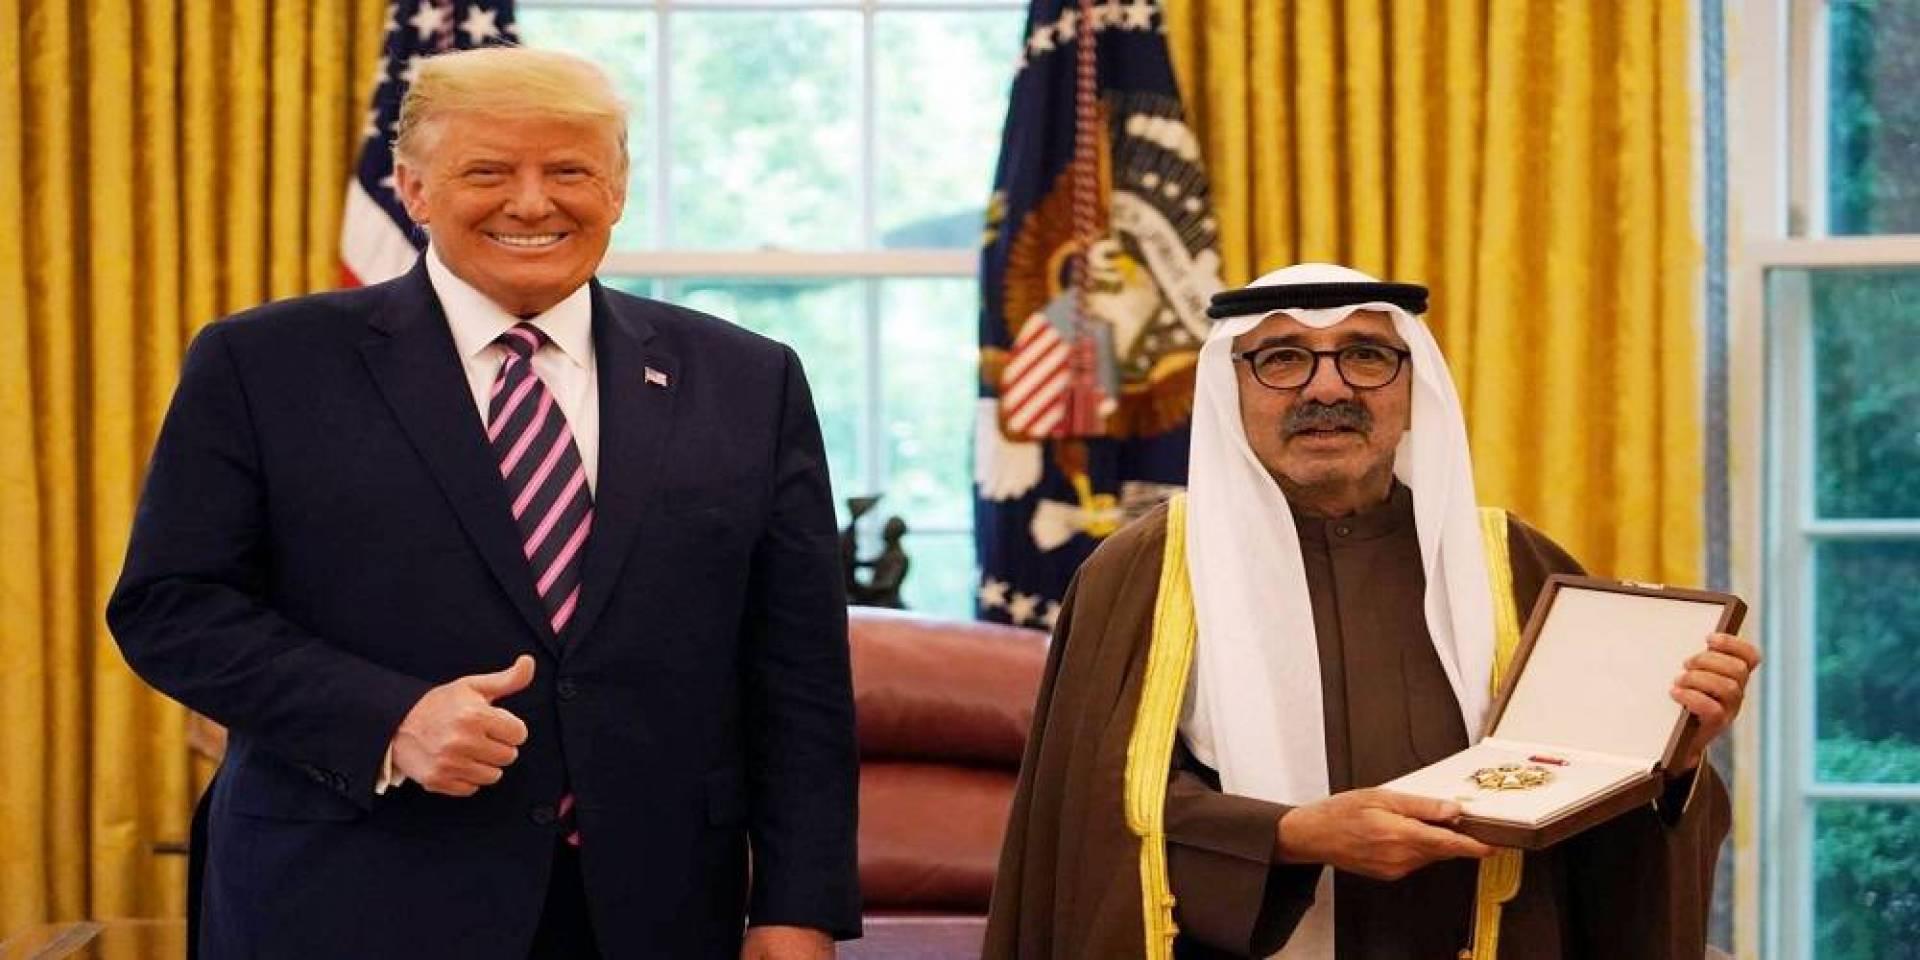 الشيخ ناصر صباح الأحمد متسلماً وسام الاستحقاق العسكري الأميركي نيابة عن سمو الأمير